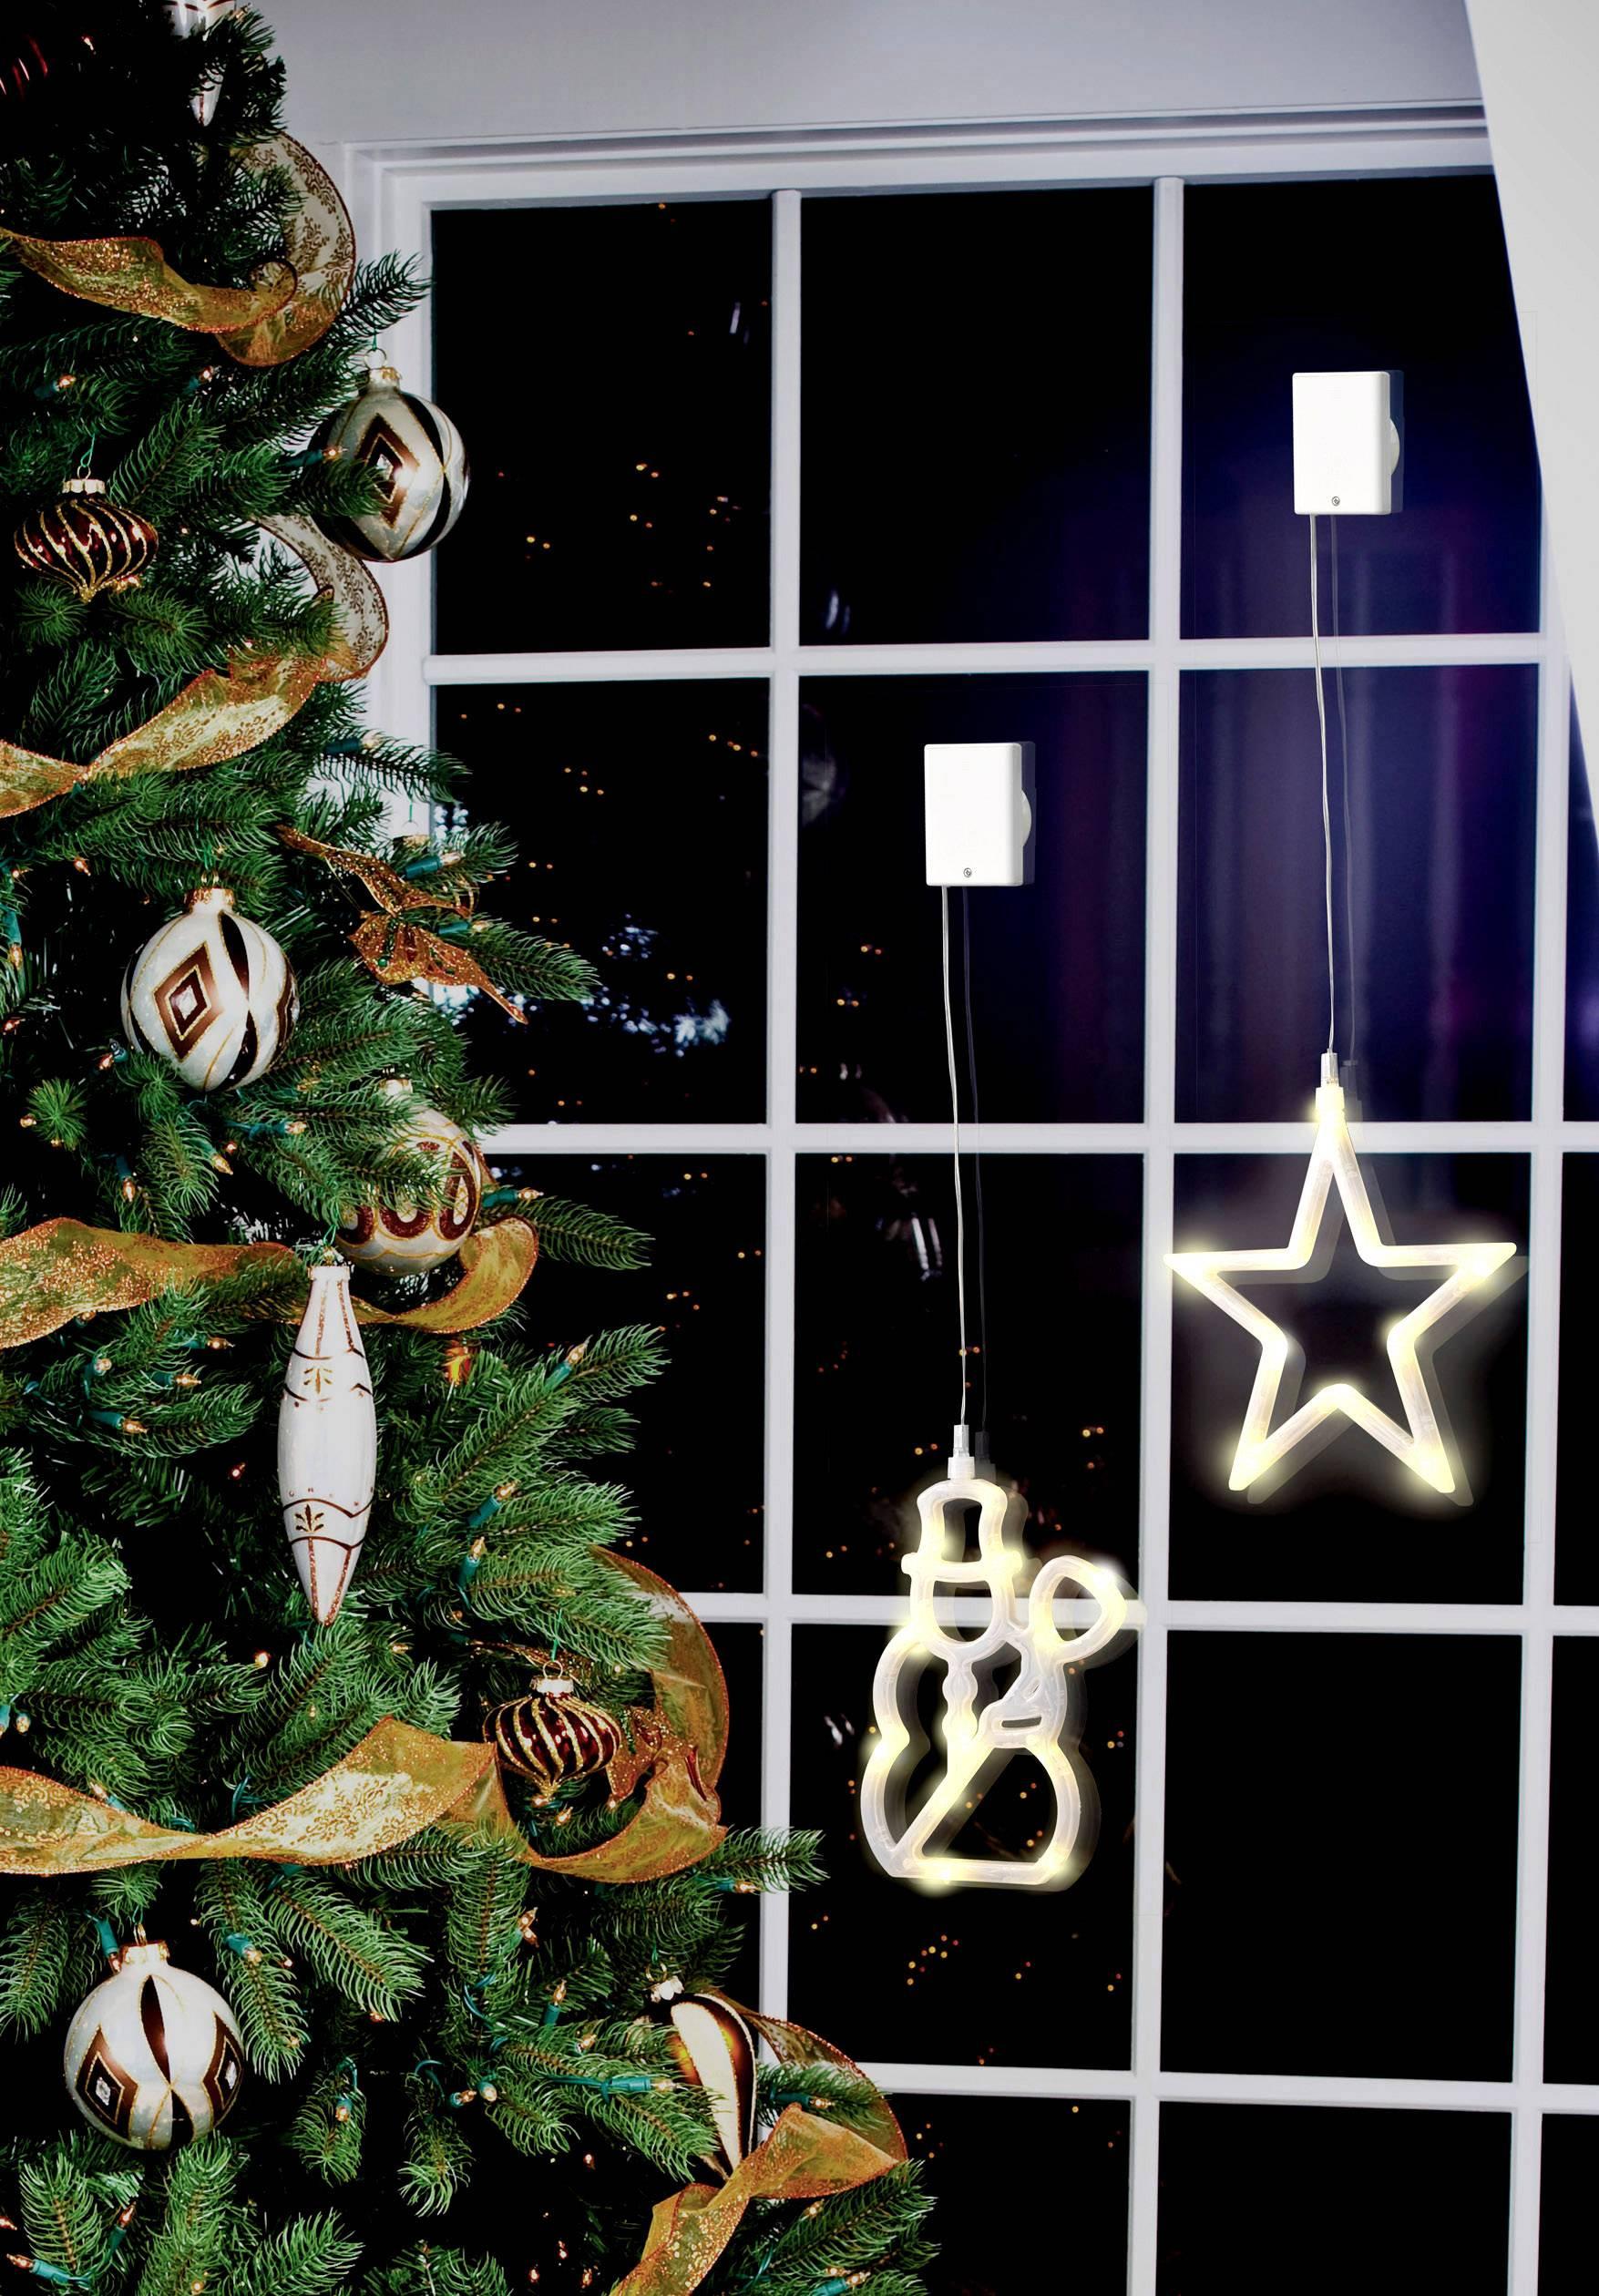 Weihnachtsdeko Aussen Schneemann.Polarlite Lba 50 009 Fenster Dekoration Schneemann Warm Weiß Led Transparent